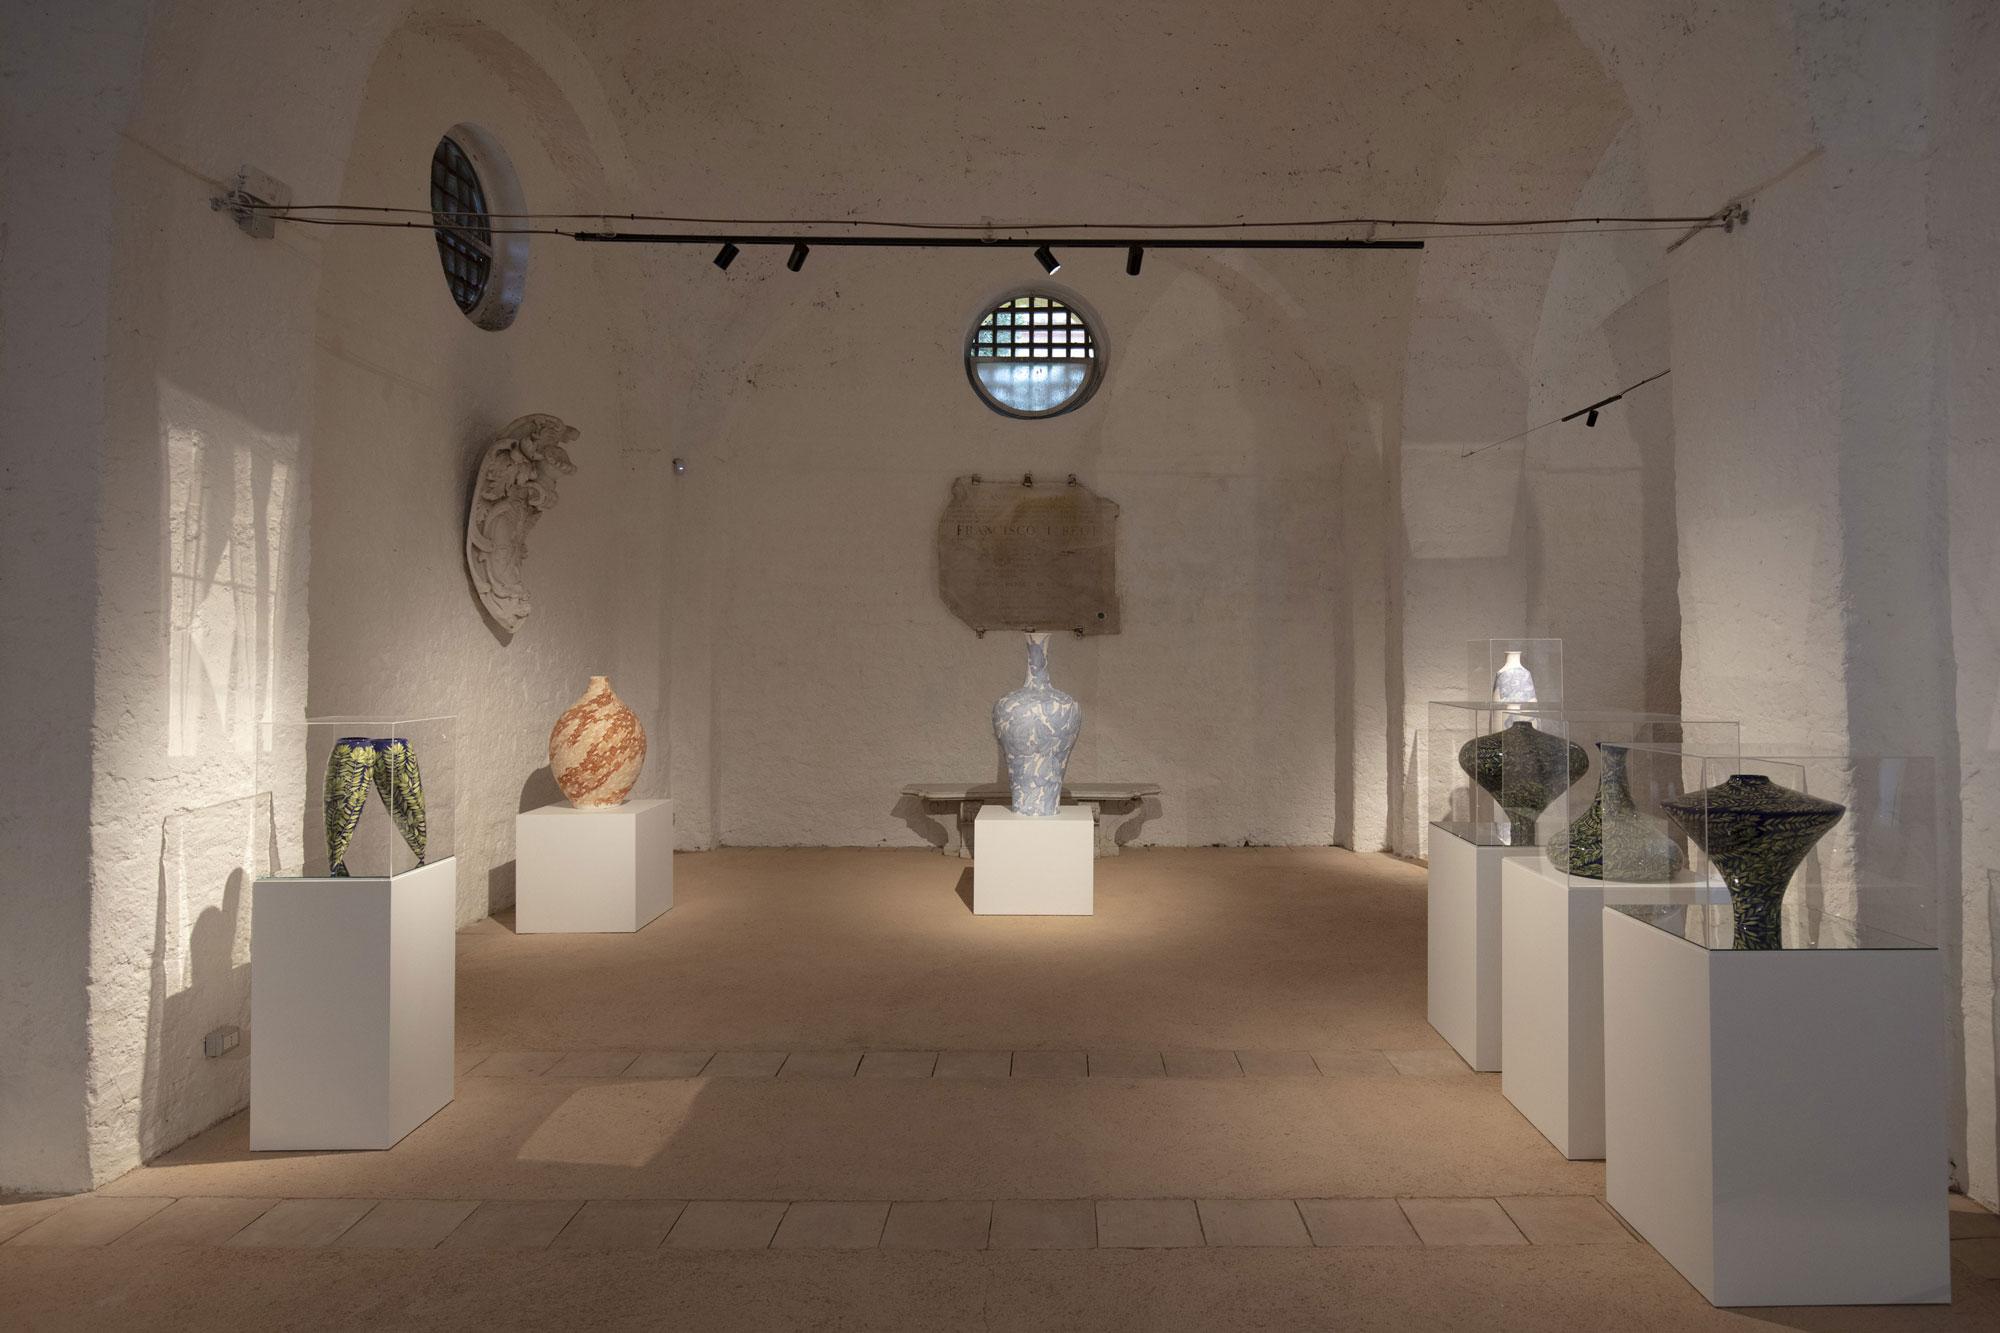 una sala del museo capodimonte con opere di calatrava